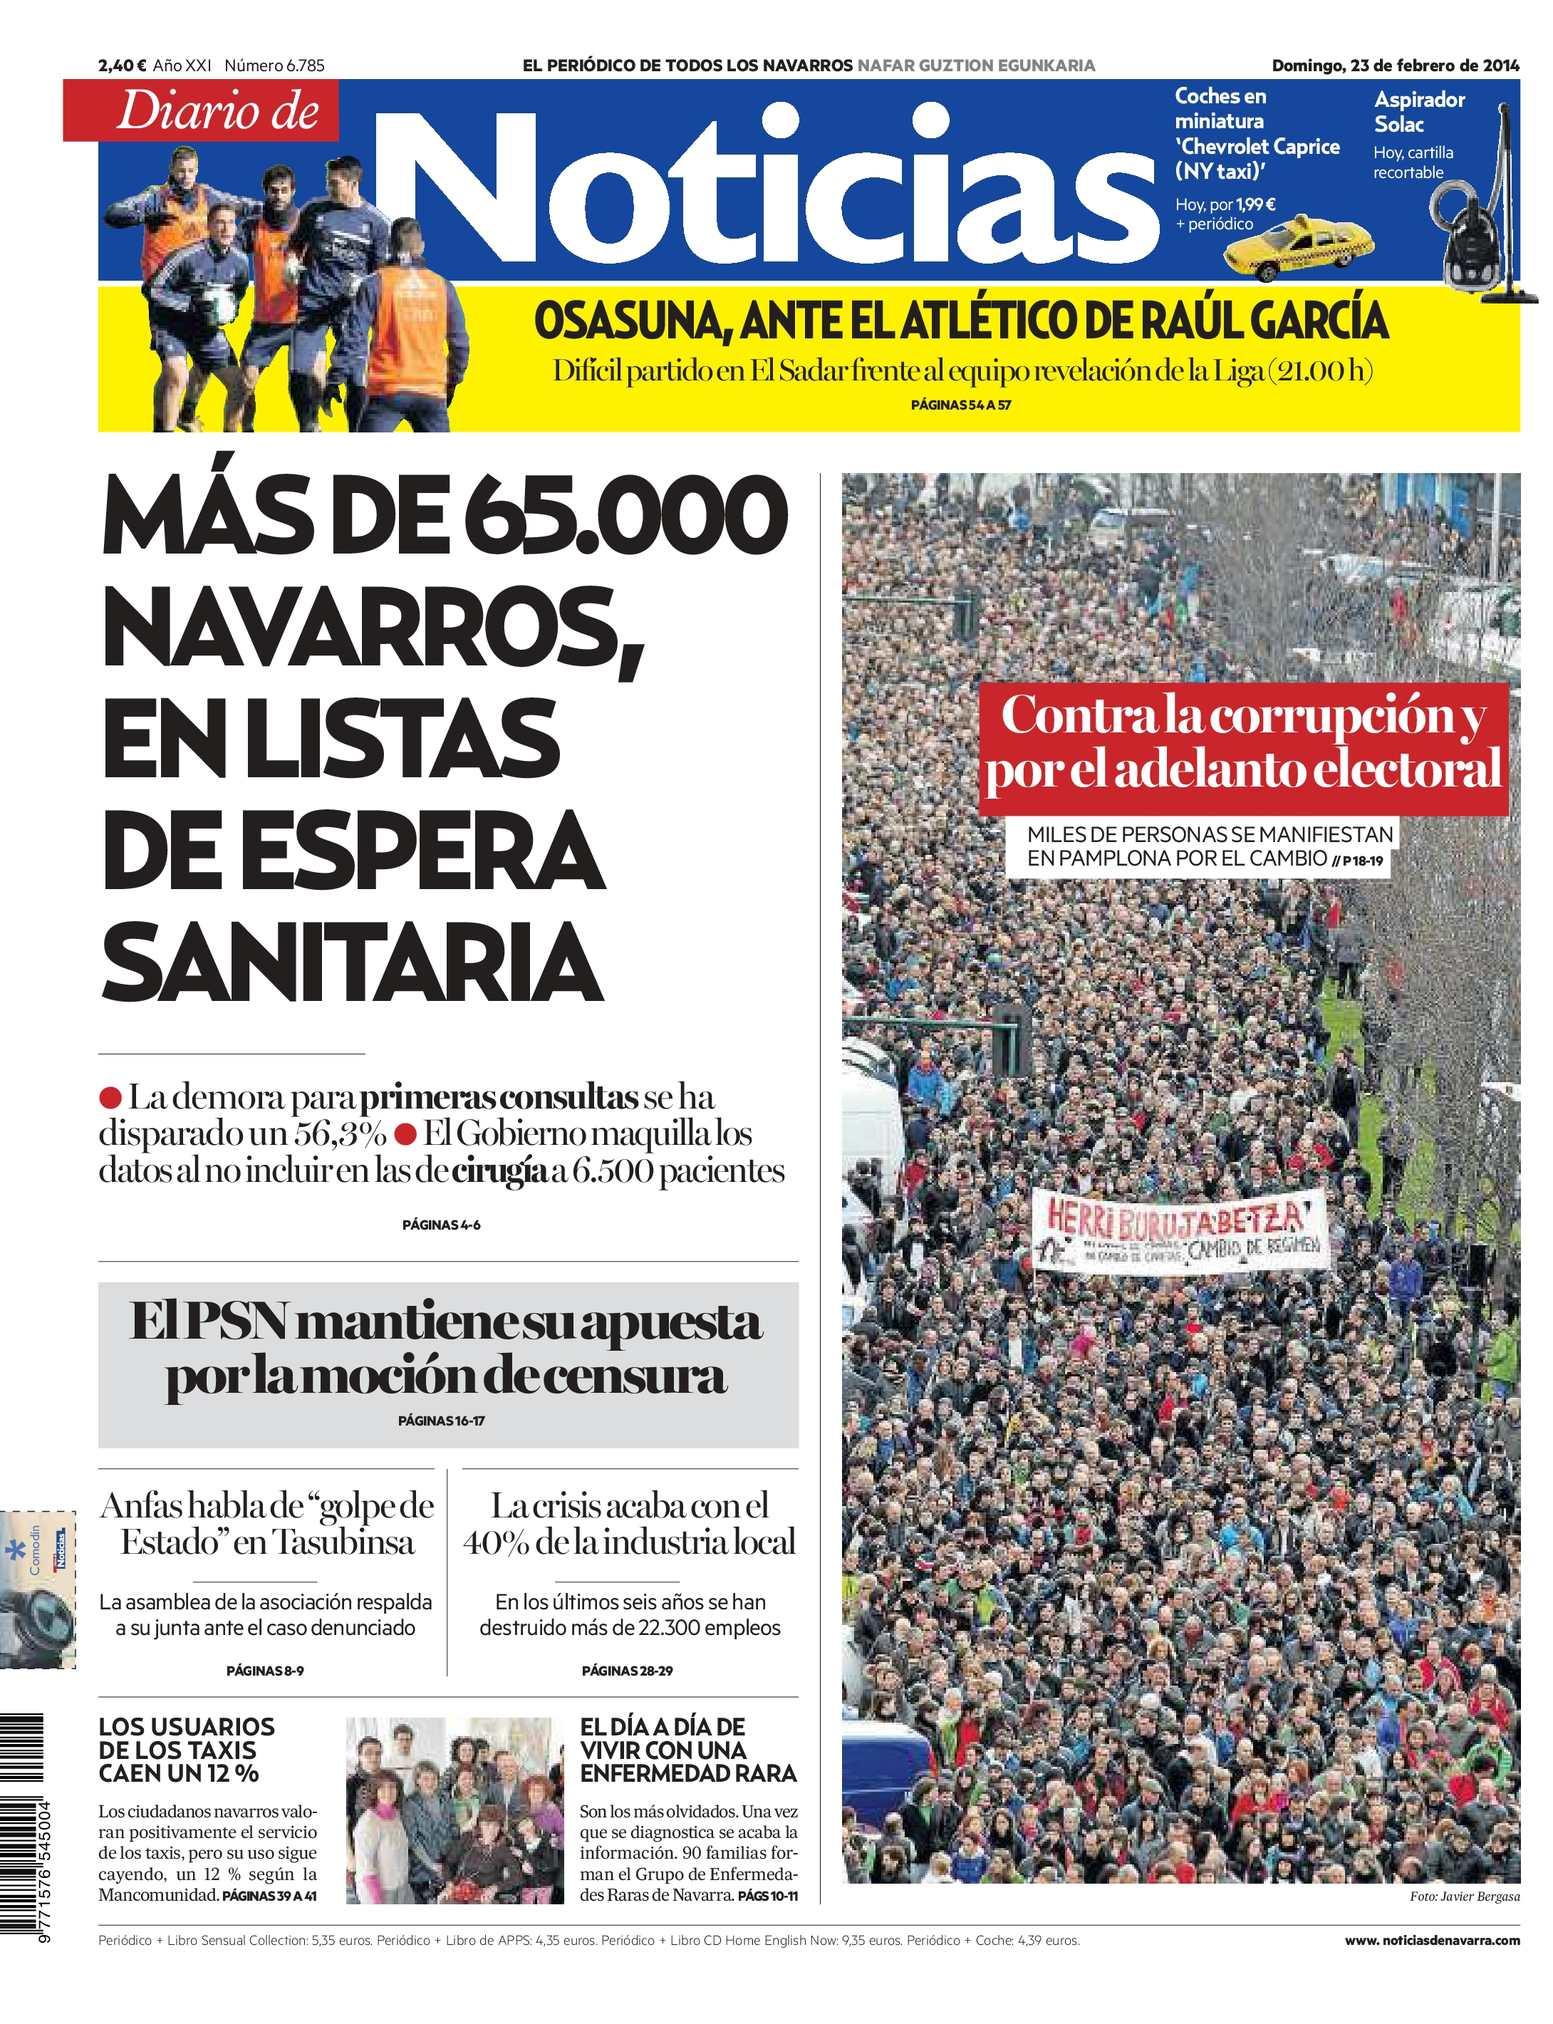 Calaméo - Diario de Noticias 20140223